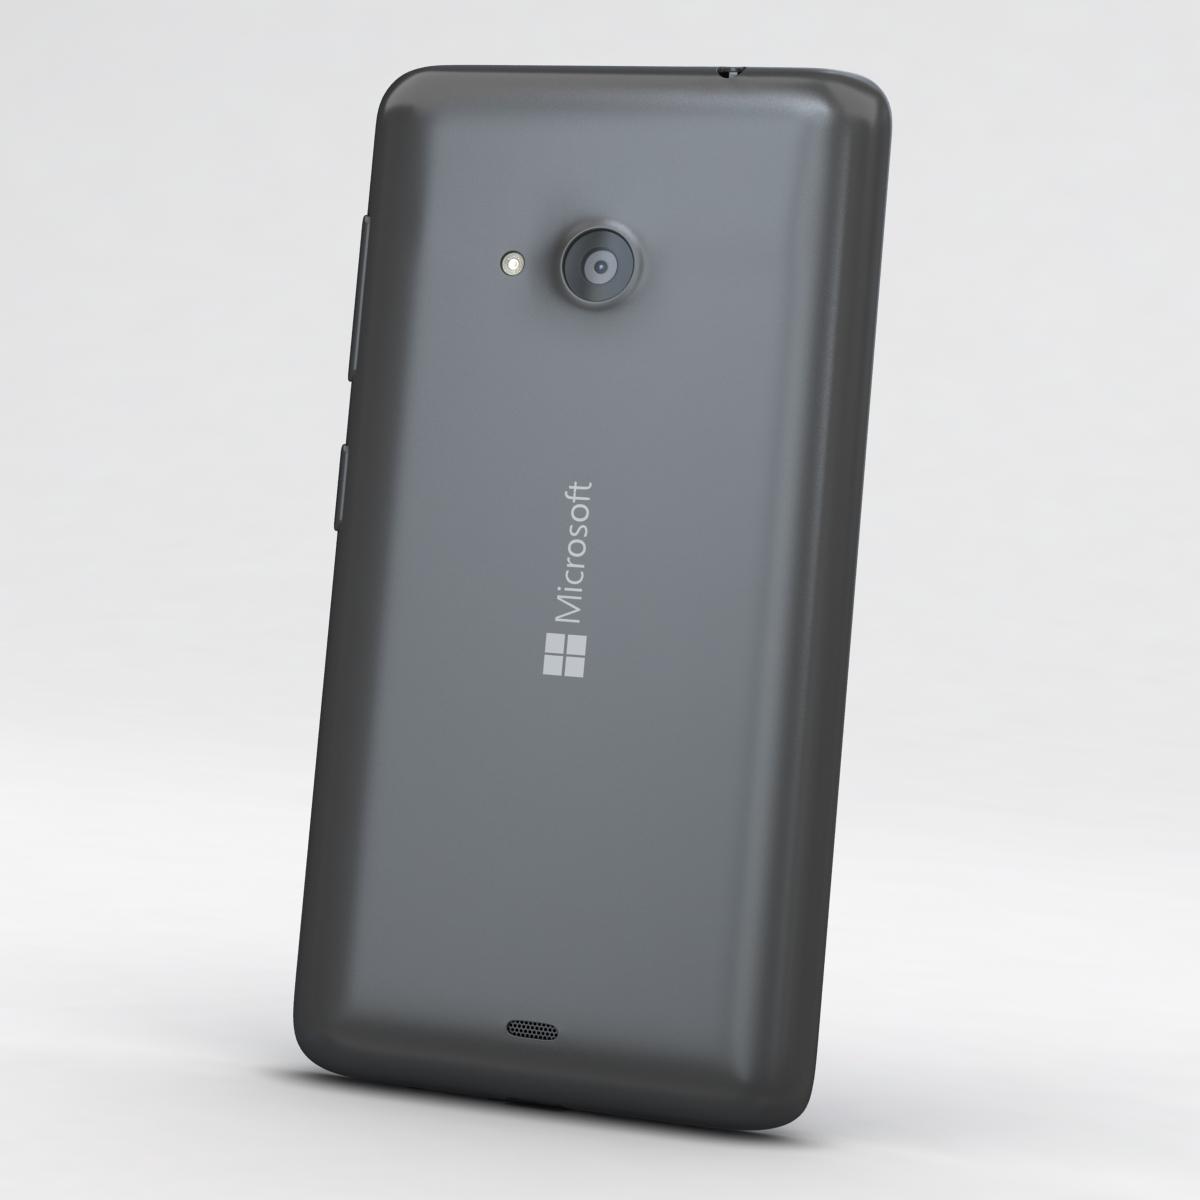 microsoft lumia 535 and dual sim gray 3d model 3ds max fbx c4d obj 204465